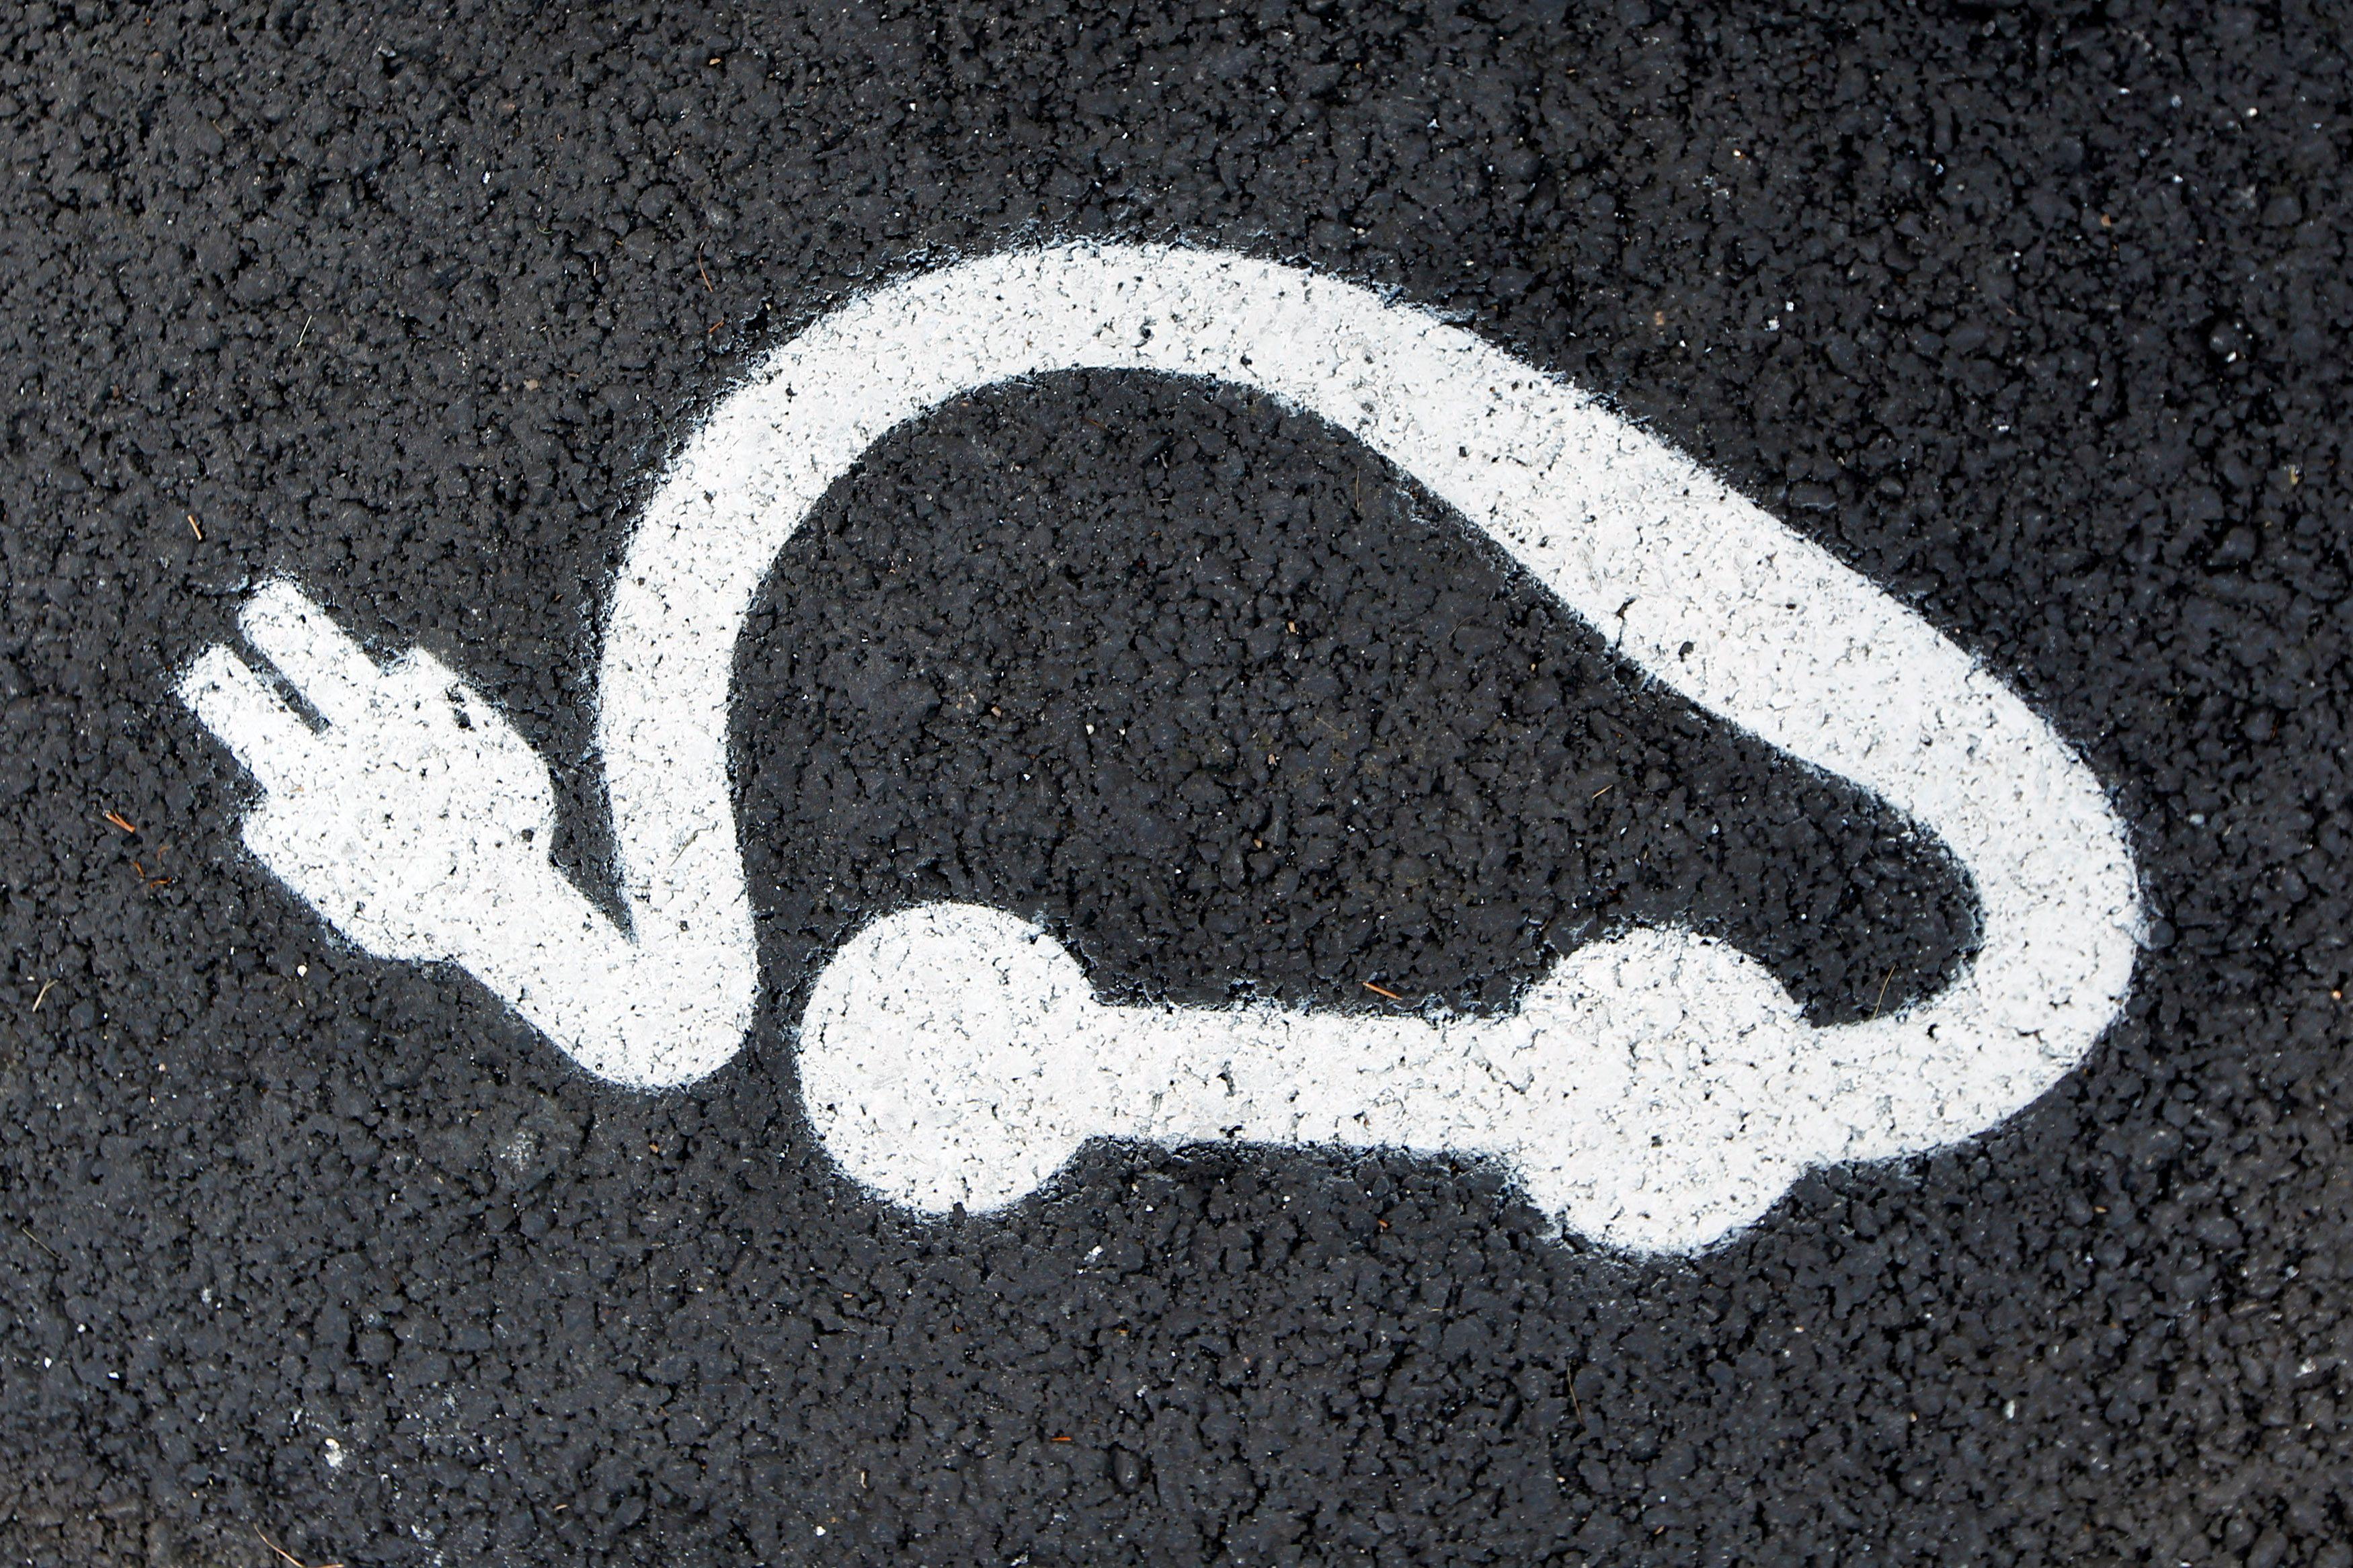 Loi mobilité : ces moyens de transport alternatifs qu'il devient urgent d'entraver après les avoir encensés